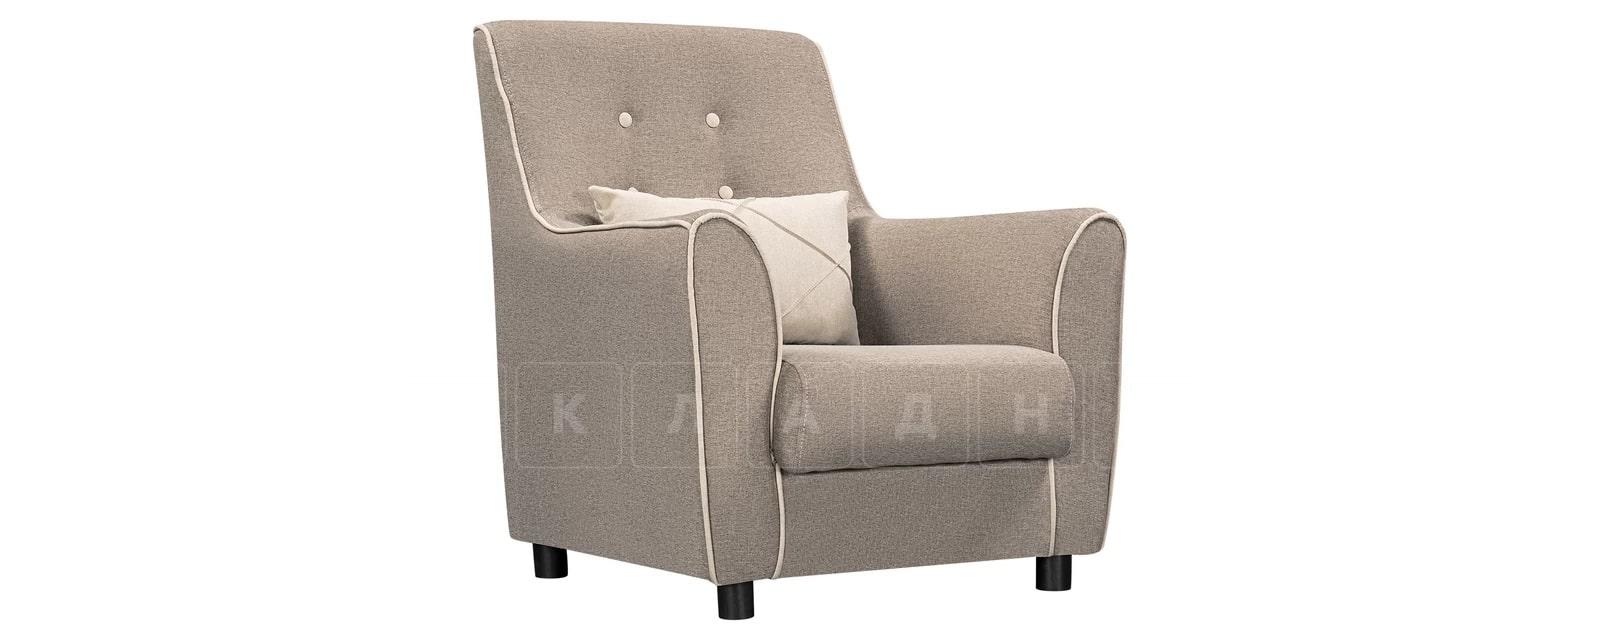 Кресло Флэтфорд рогожка серая фото 1 | интернет-магазин Складно